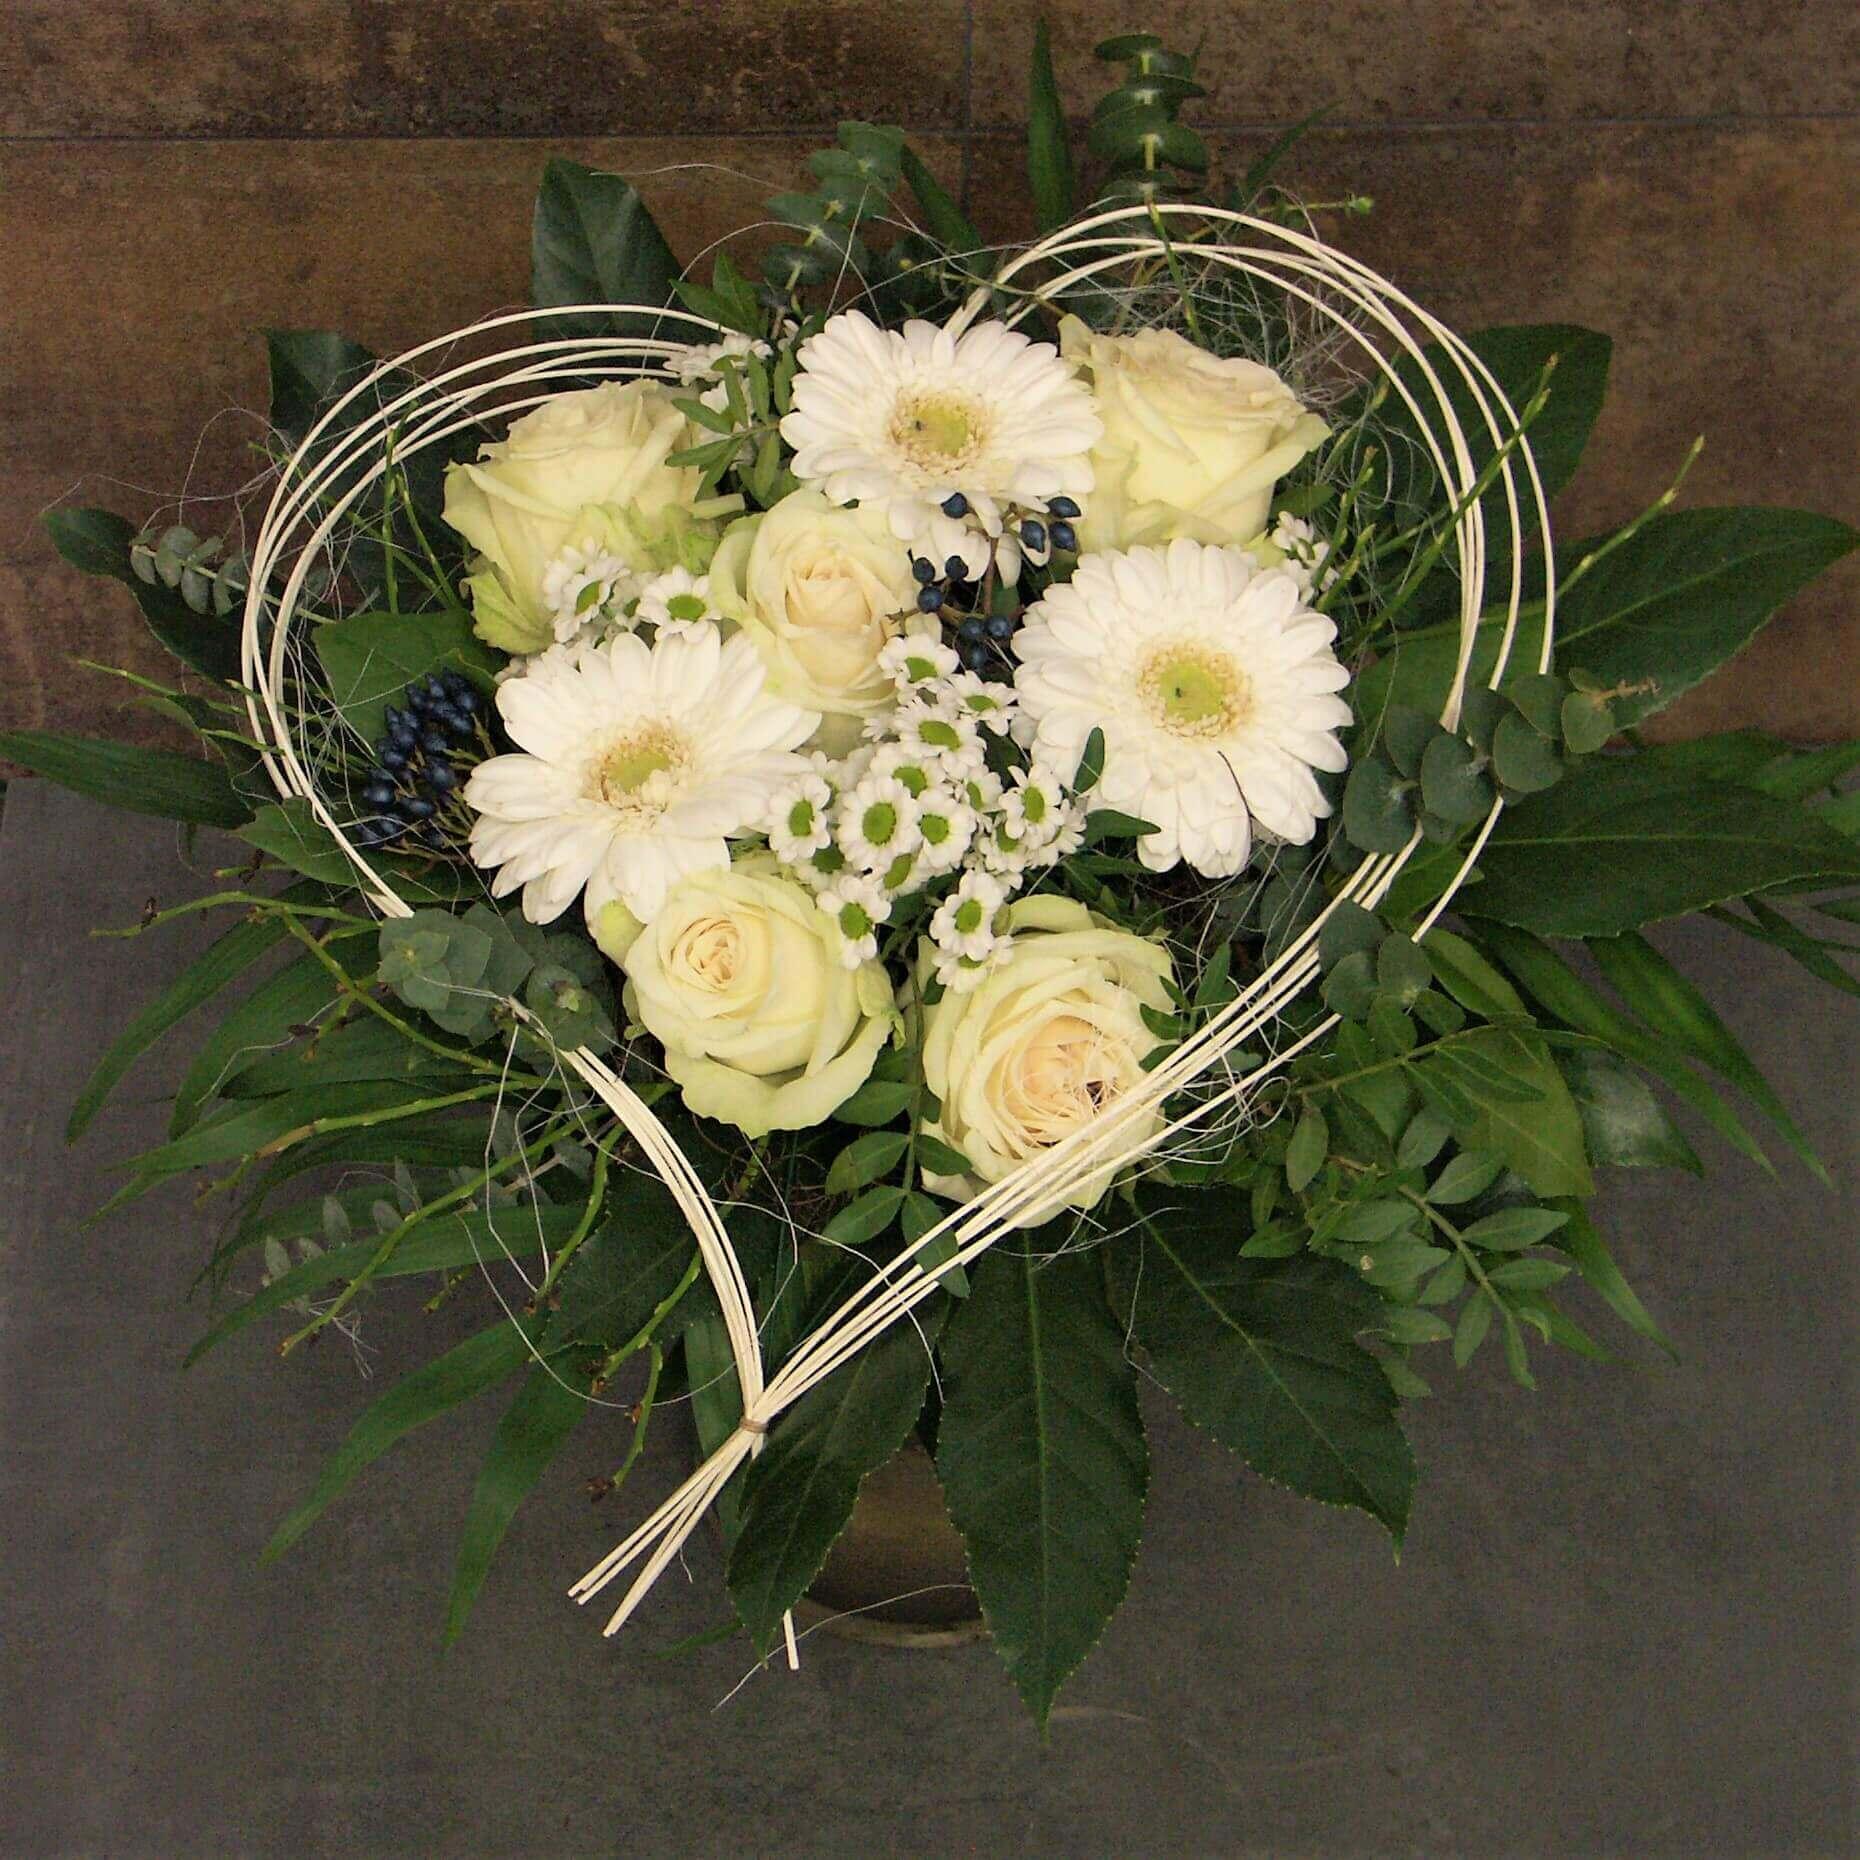 Herzstrauß mit Rosen, Kamille und Gerbera in weiß